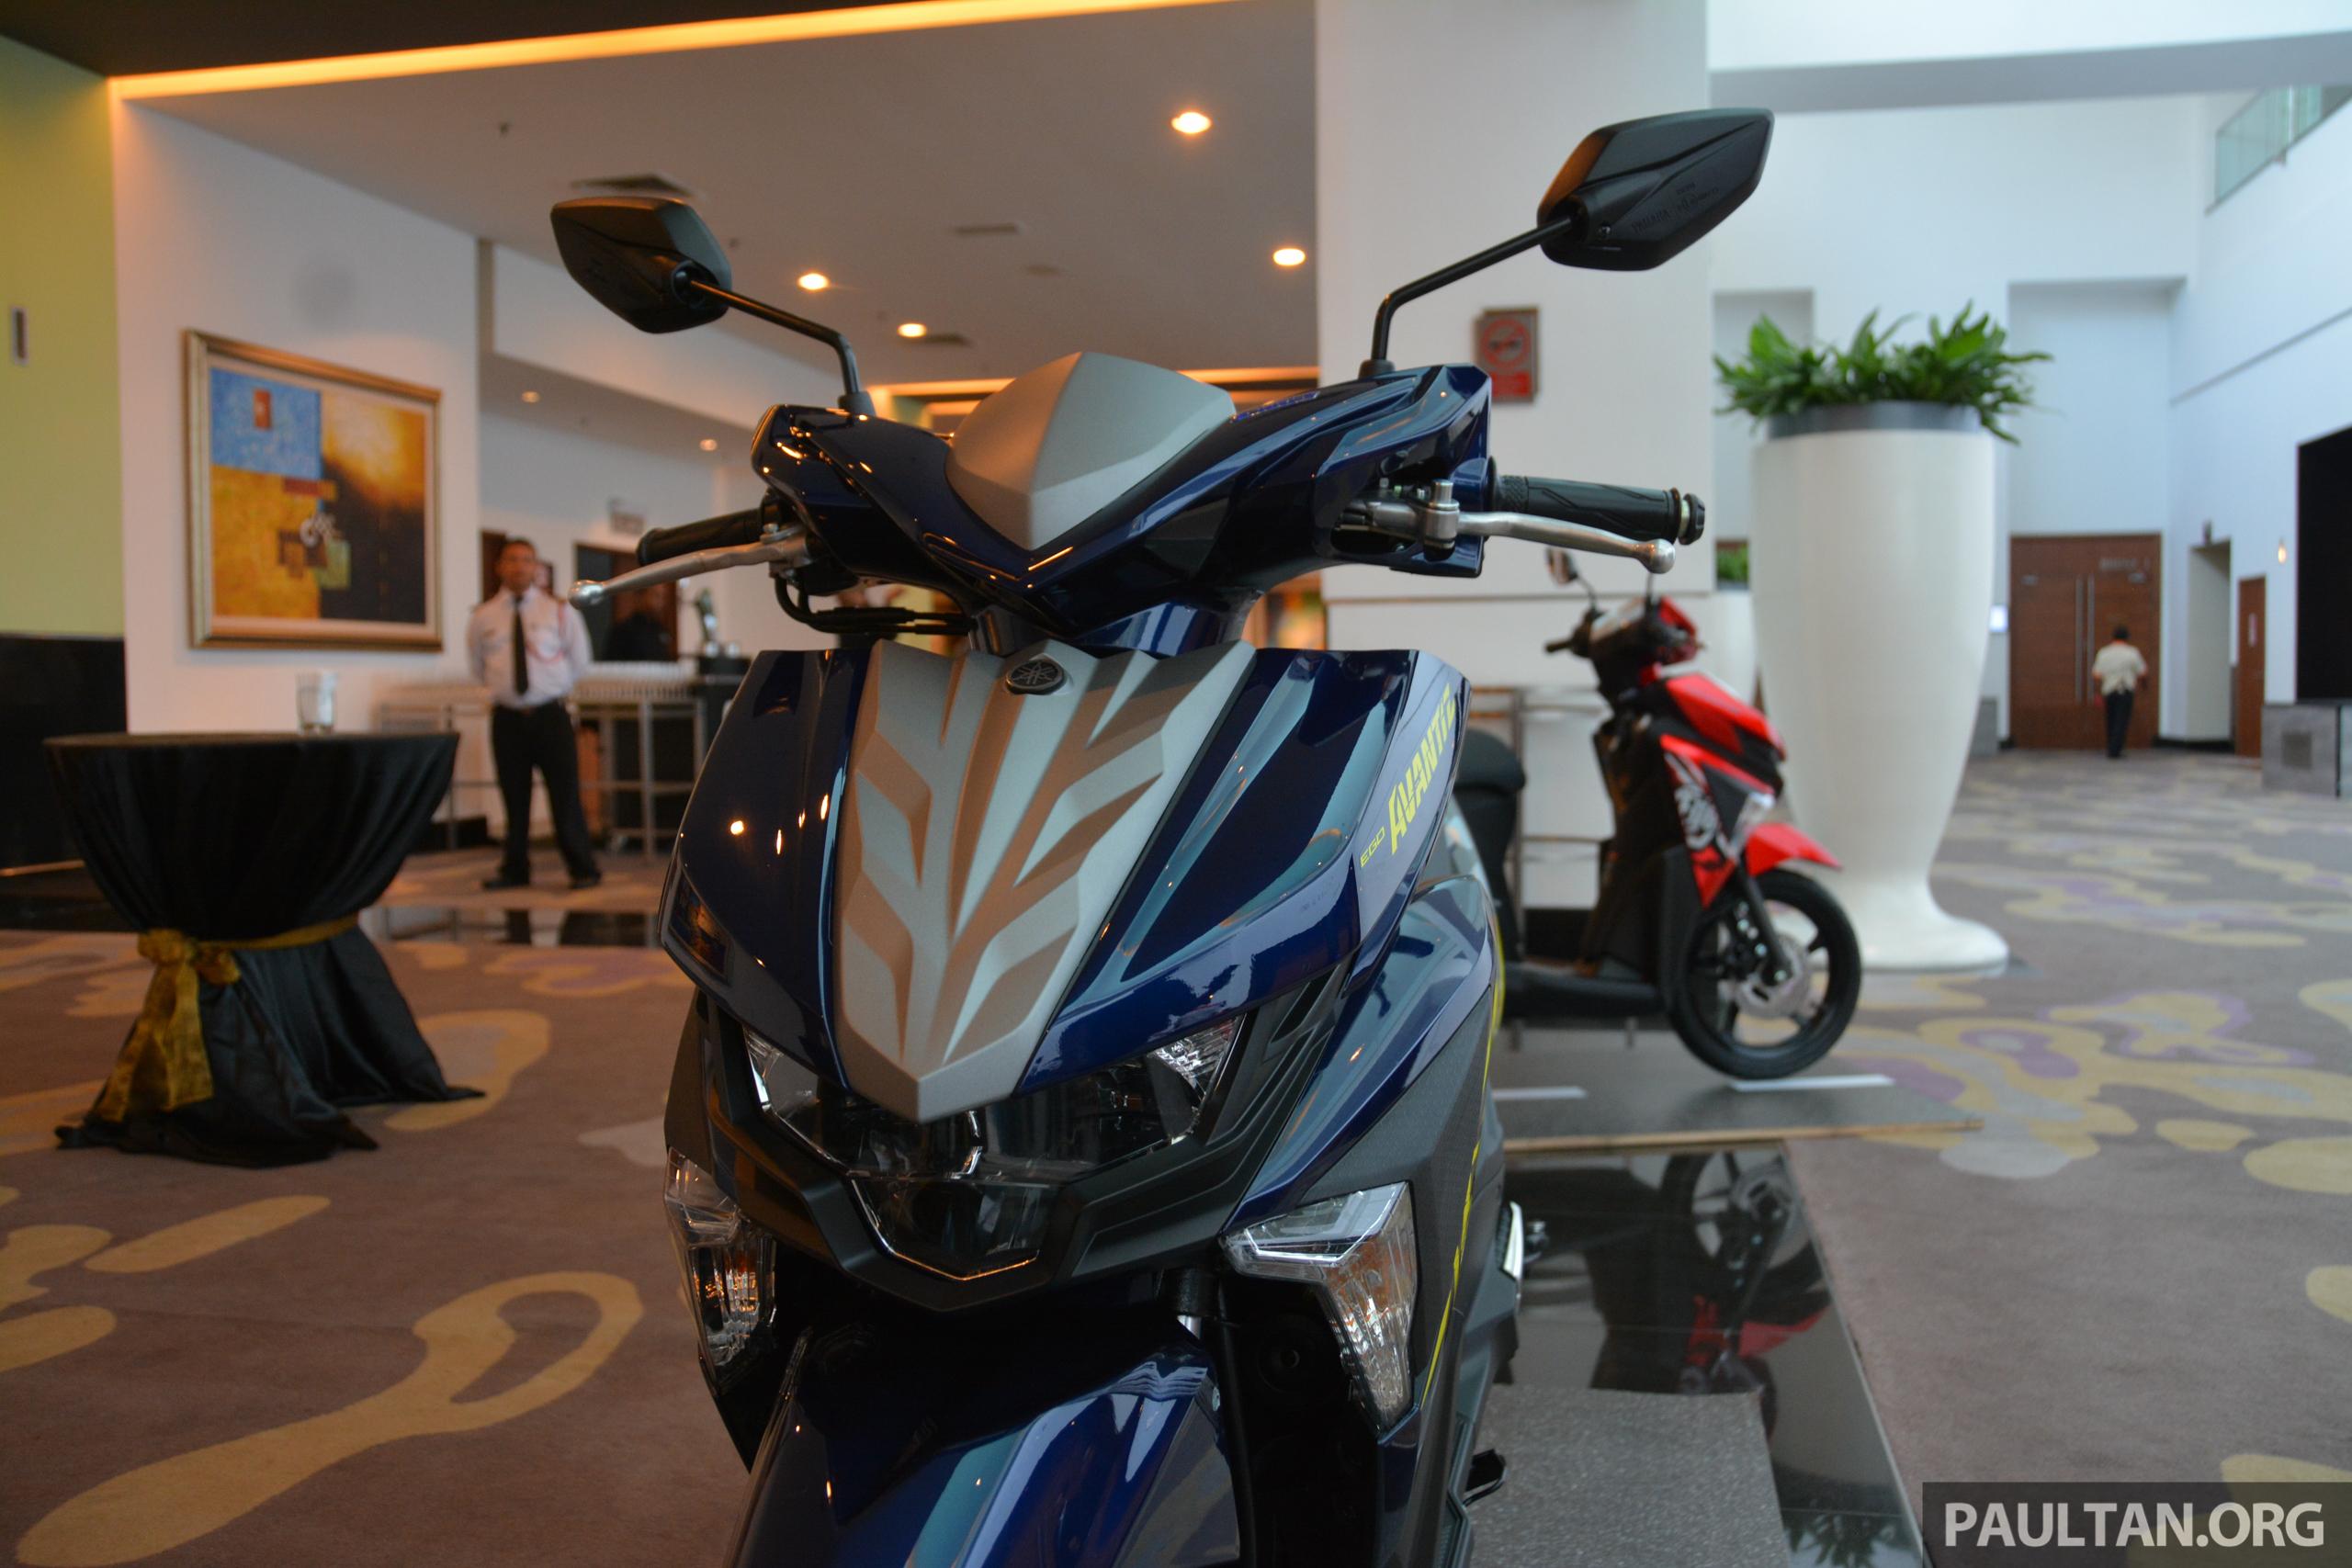 Harga Yamaha Scooter Cc